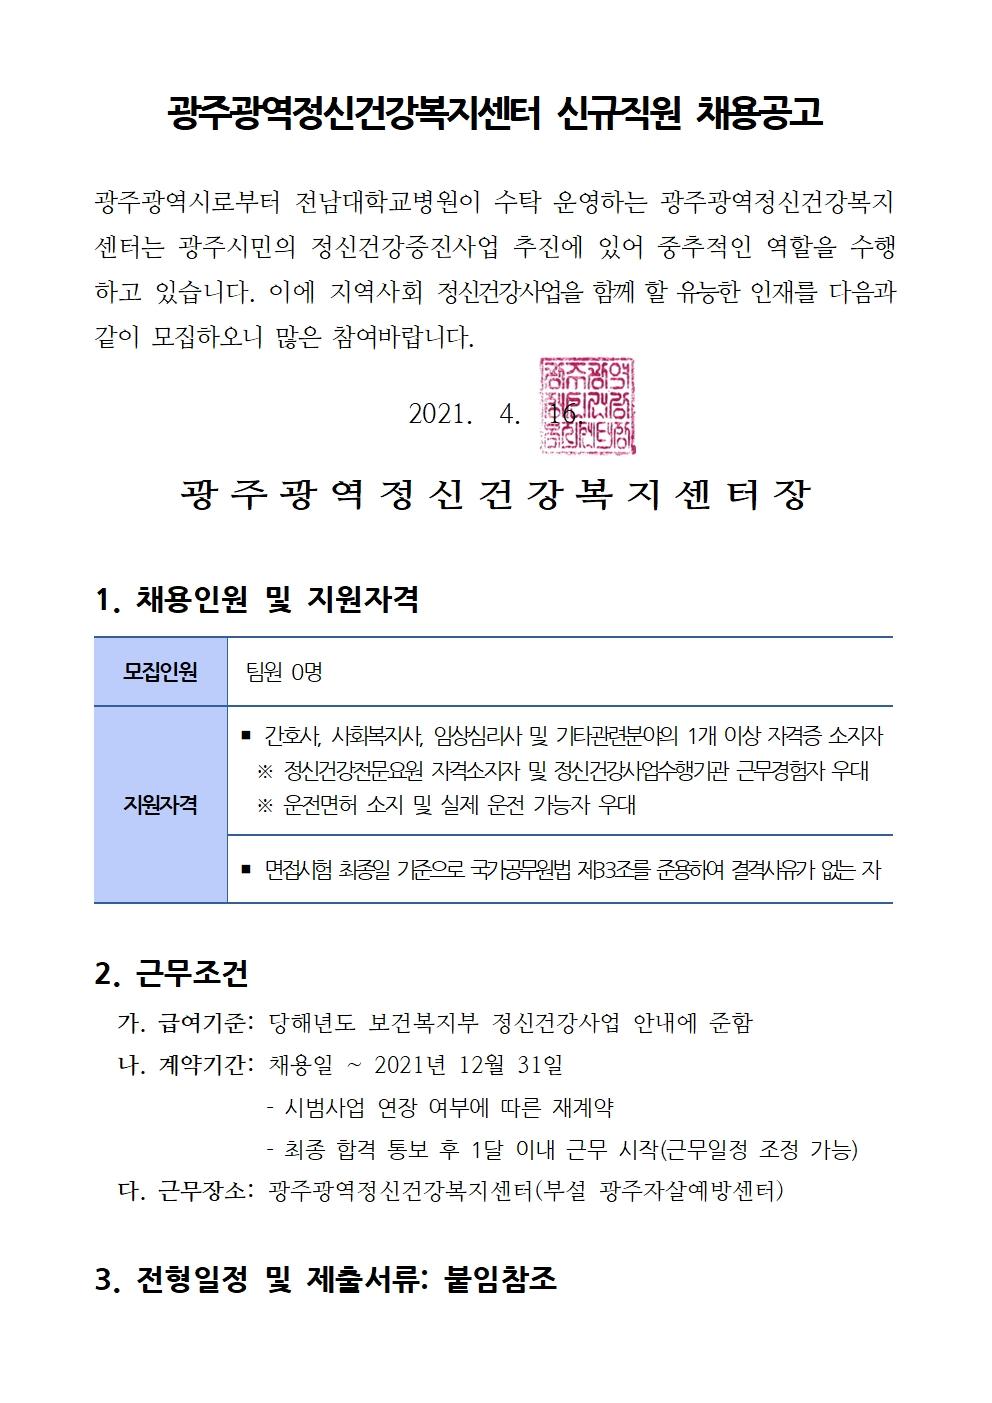 [공고] 광주광역정신건강복지센터 신규직원 채용공고(게시용)001.jpg